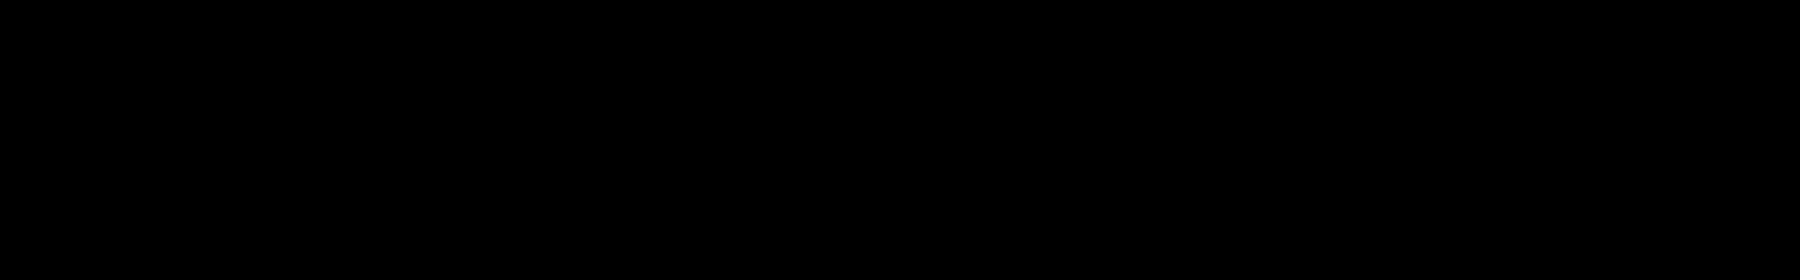 Synthetica audio waveform